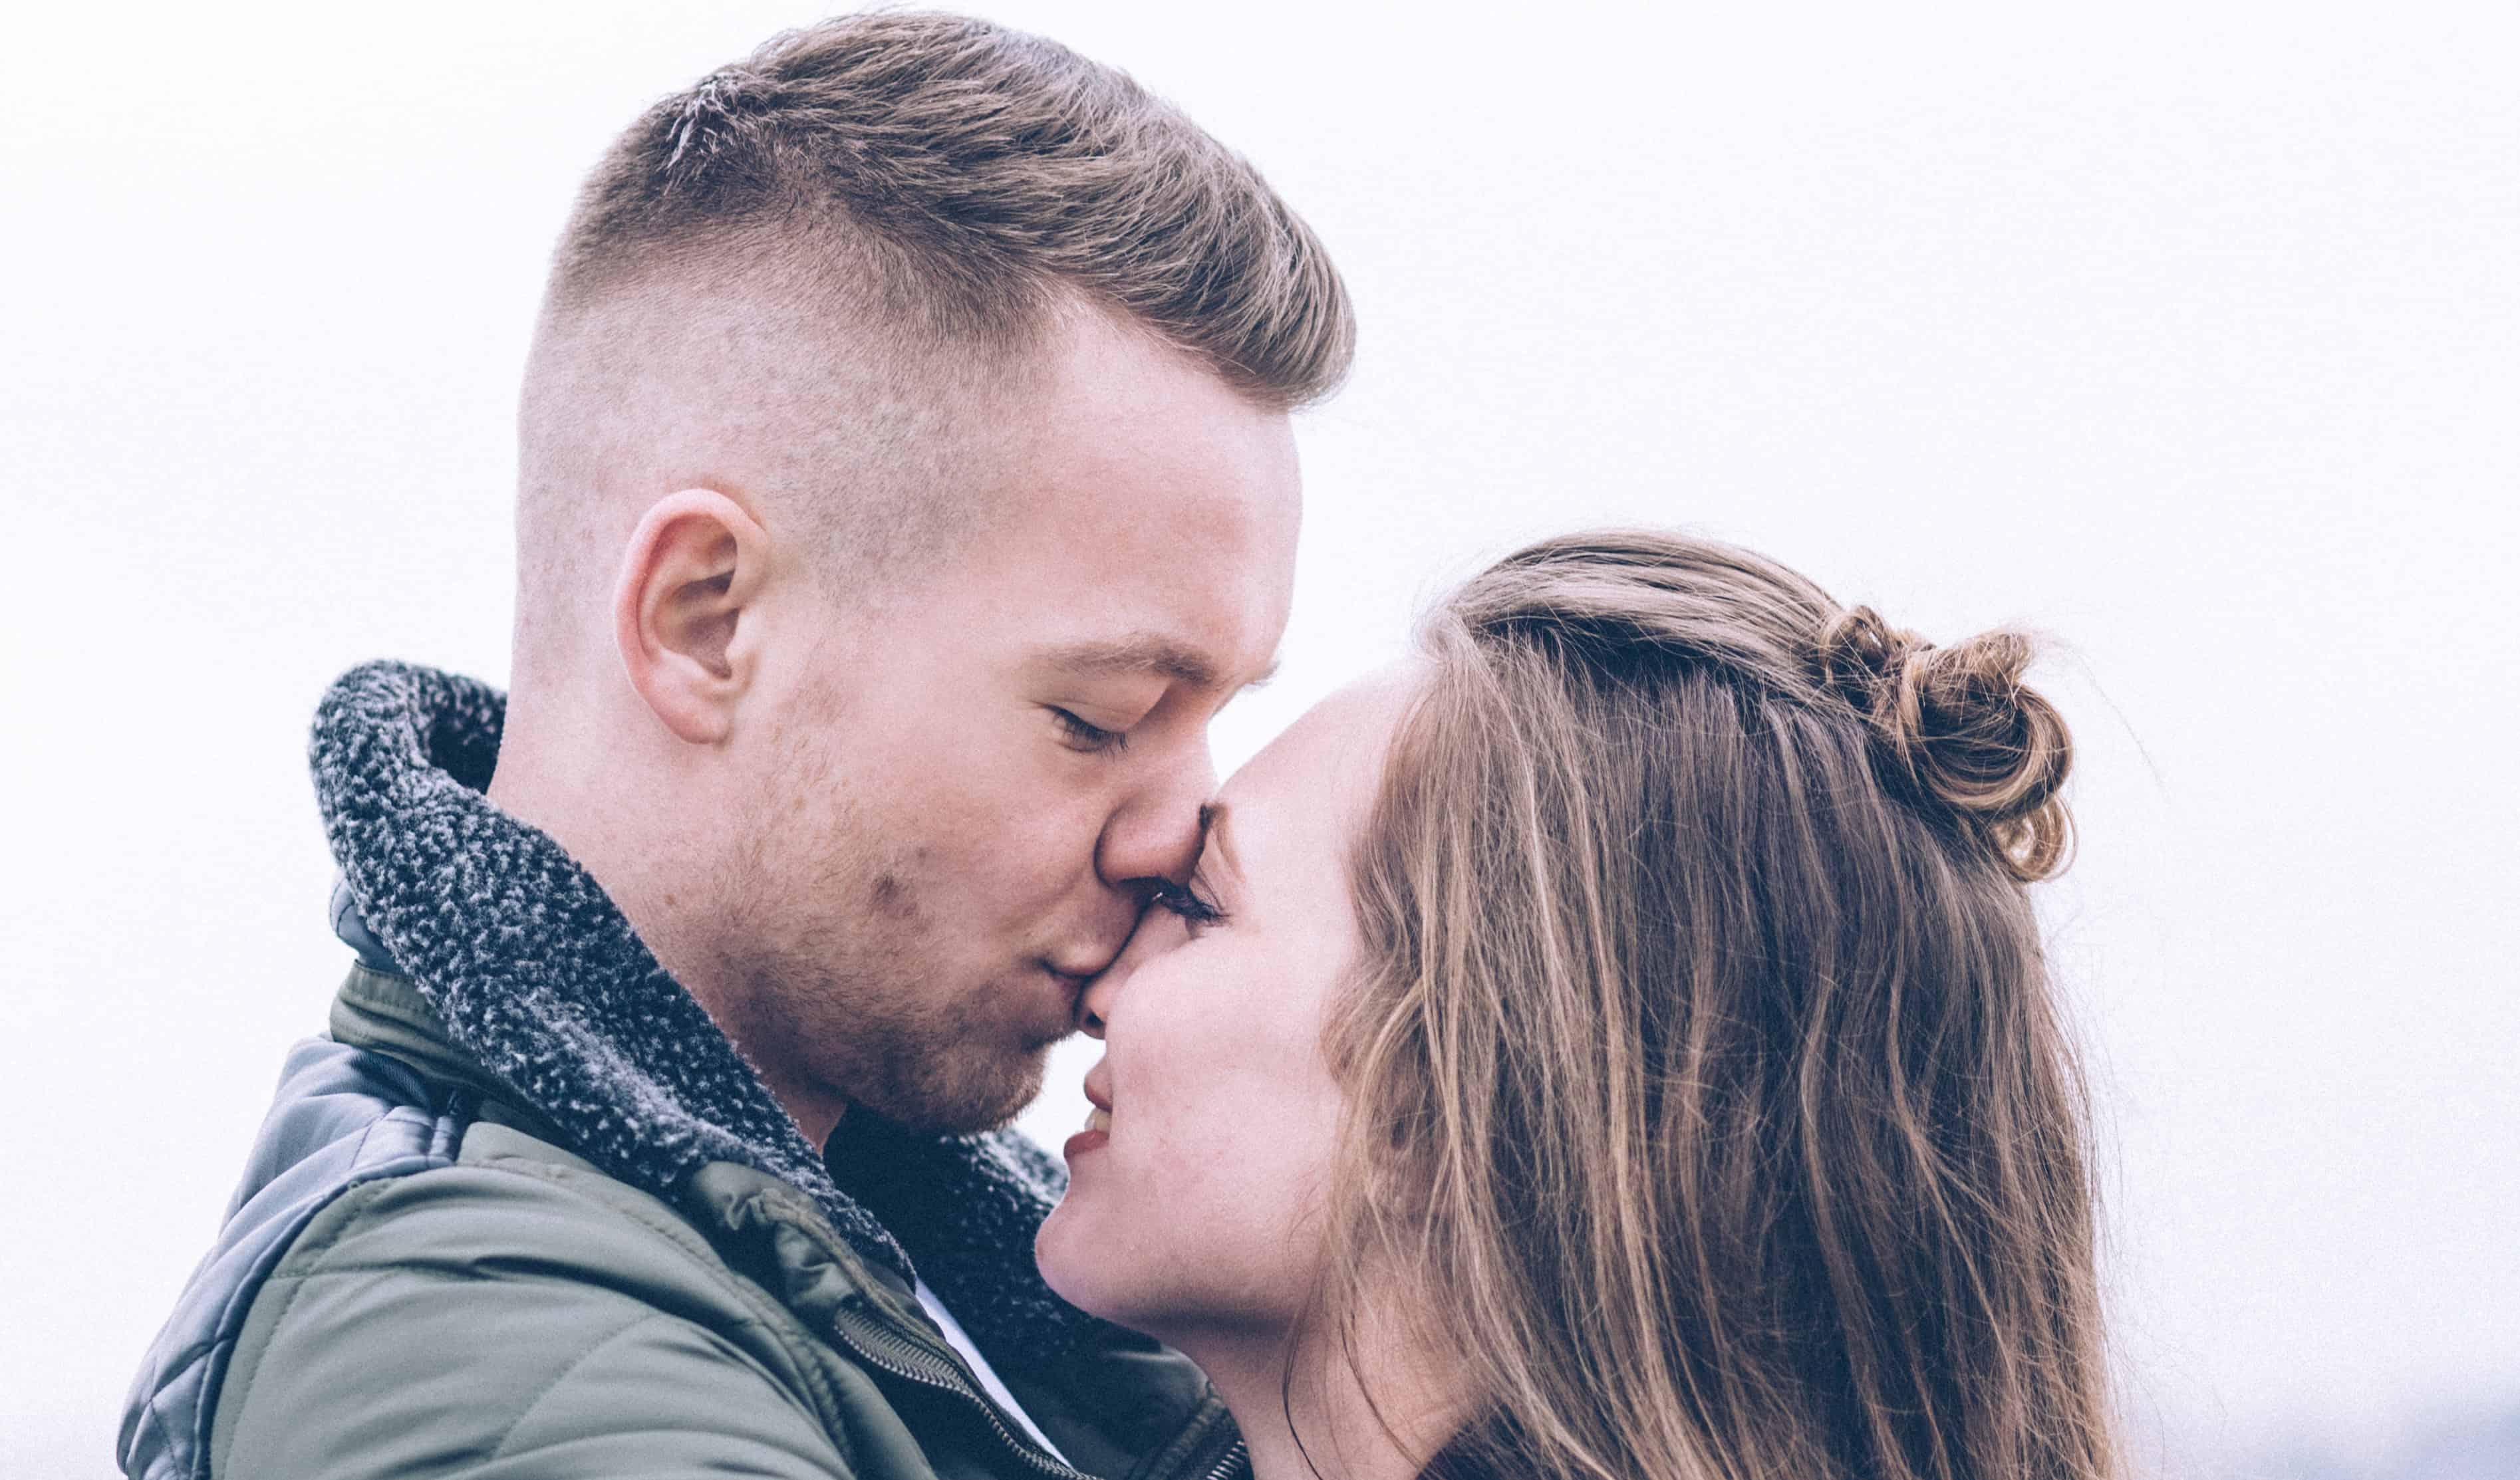 A párkapcsolat elején kialakuló intimitás jellemzője egymás kedveskedő megszólítása